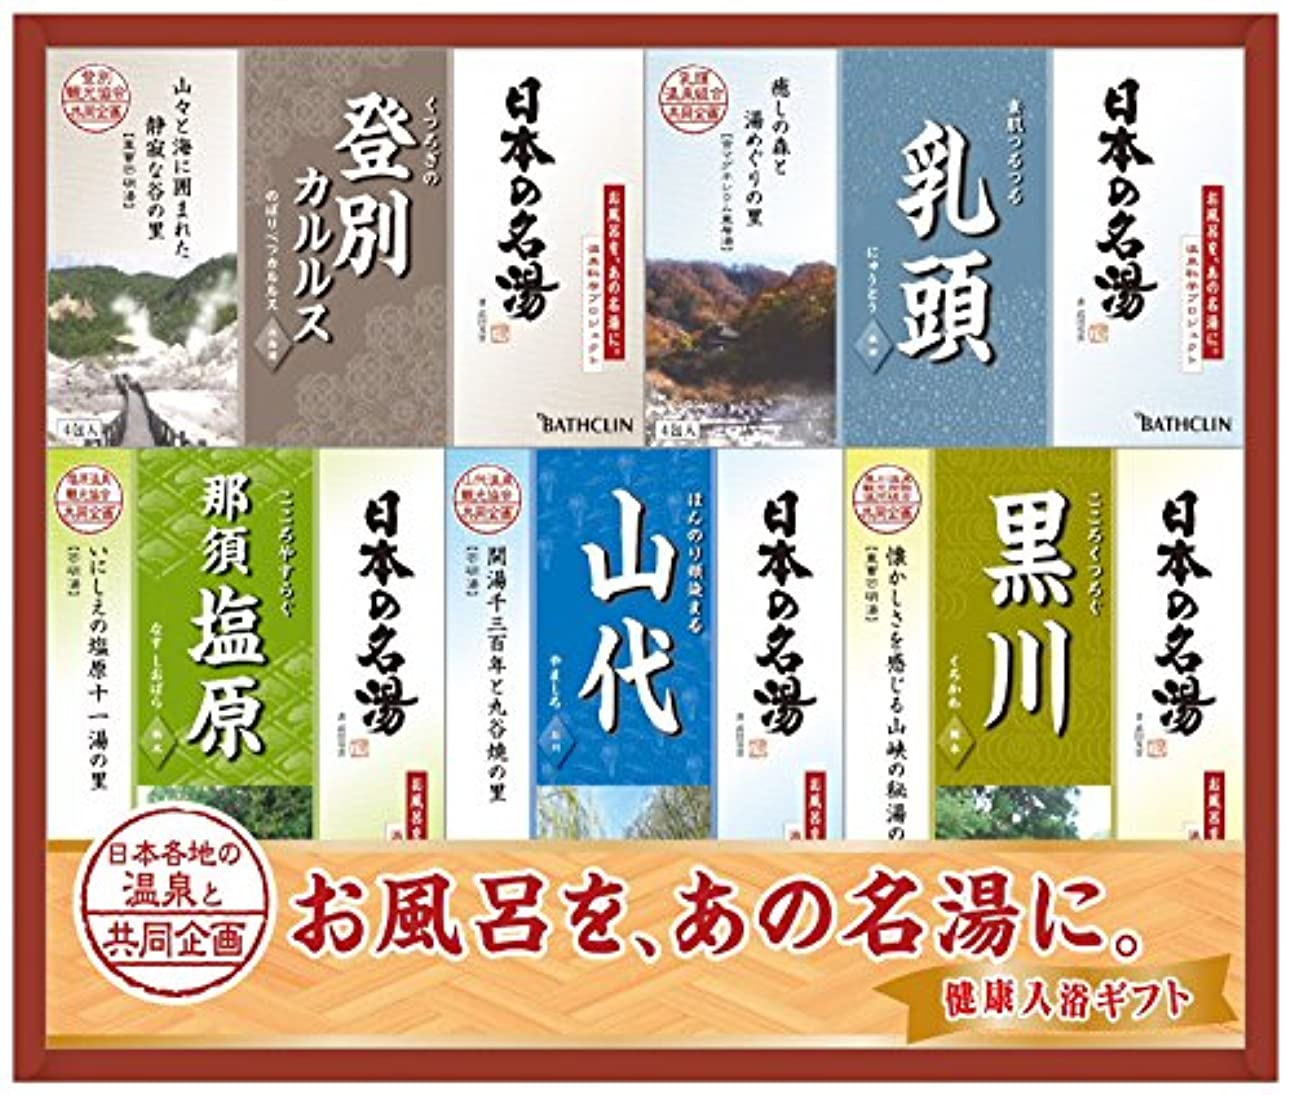 【まとめ買い】日本の名湯ギフト NMG-20F 30g×20包 ×2セット